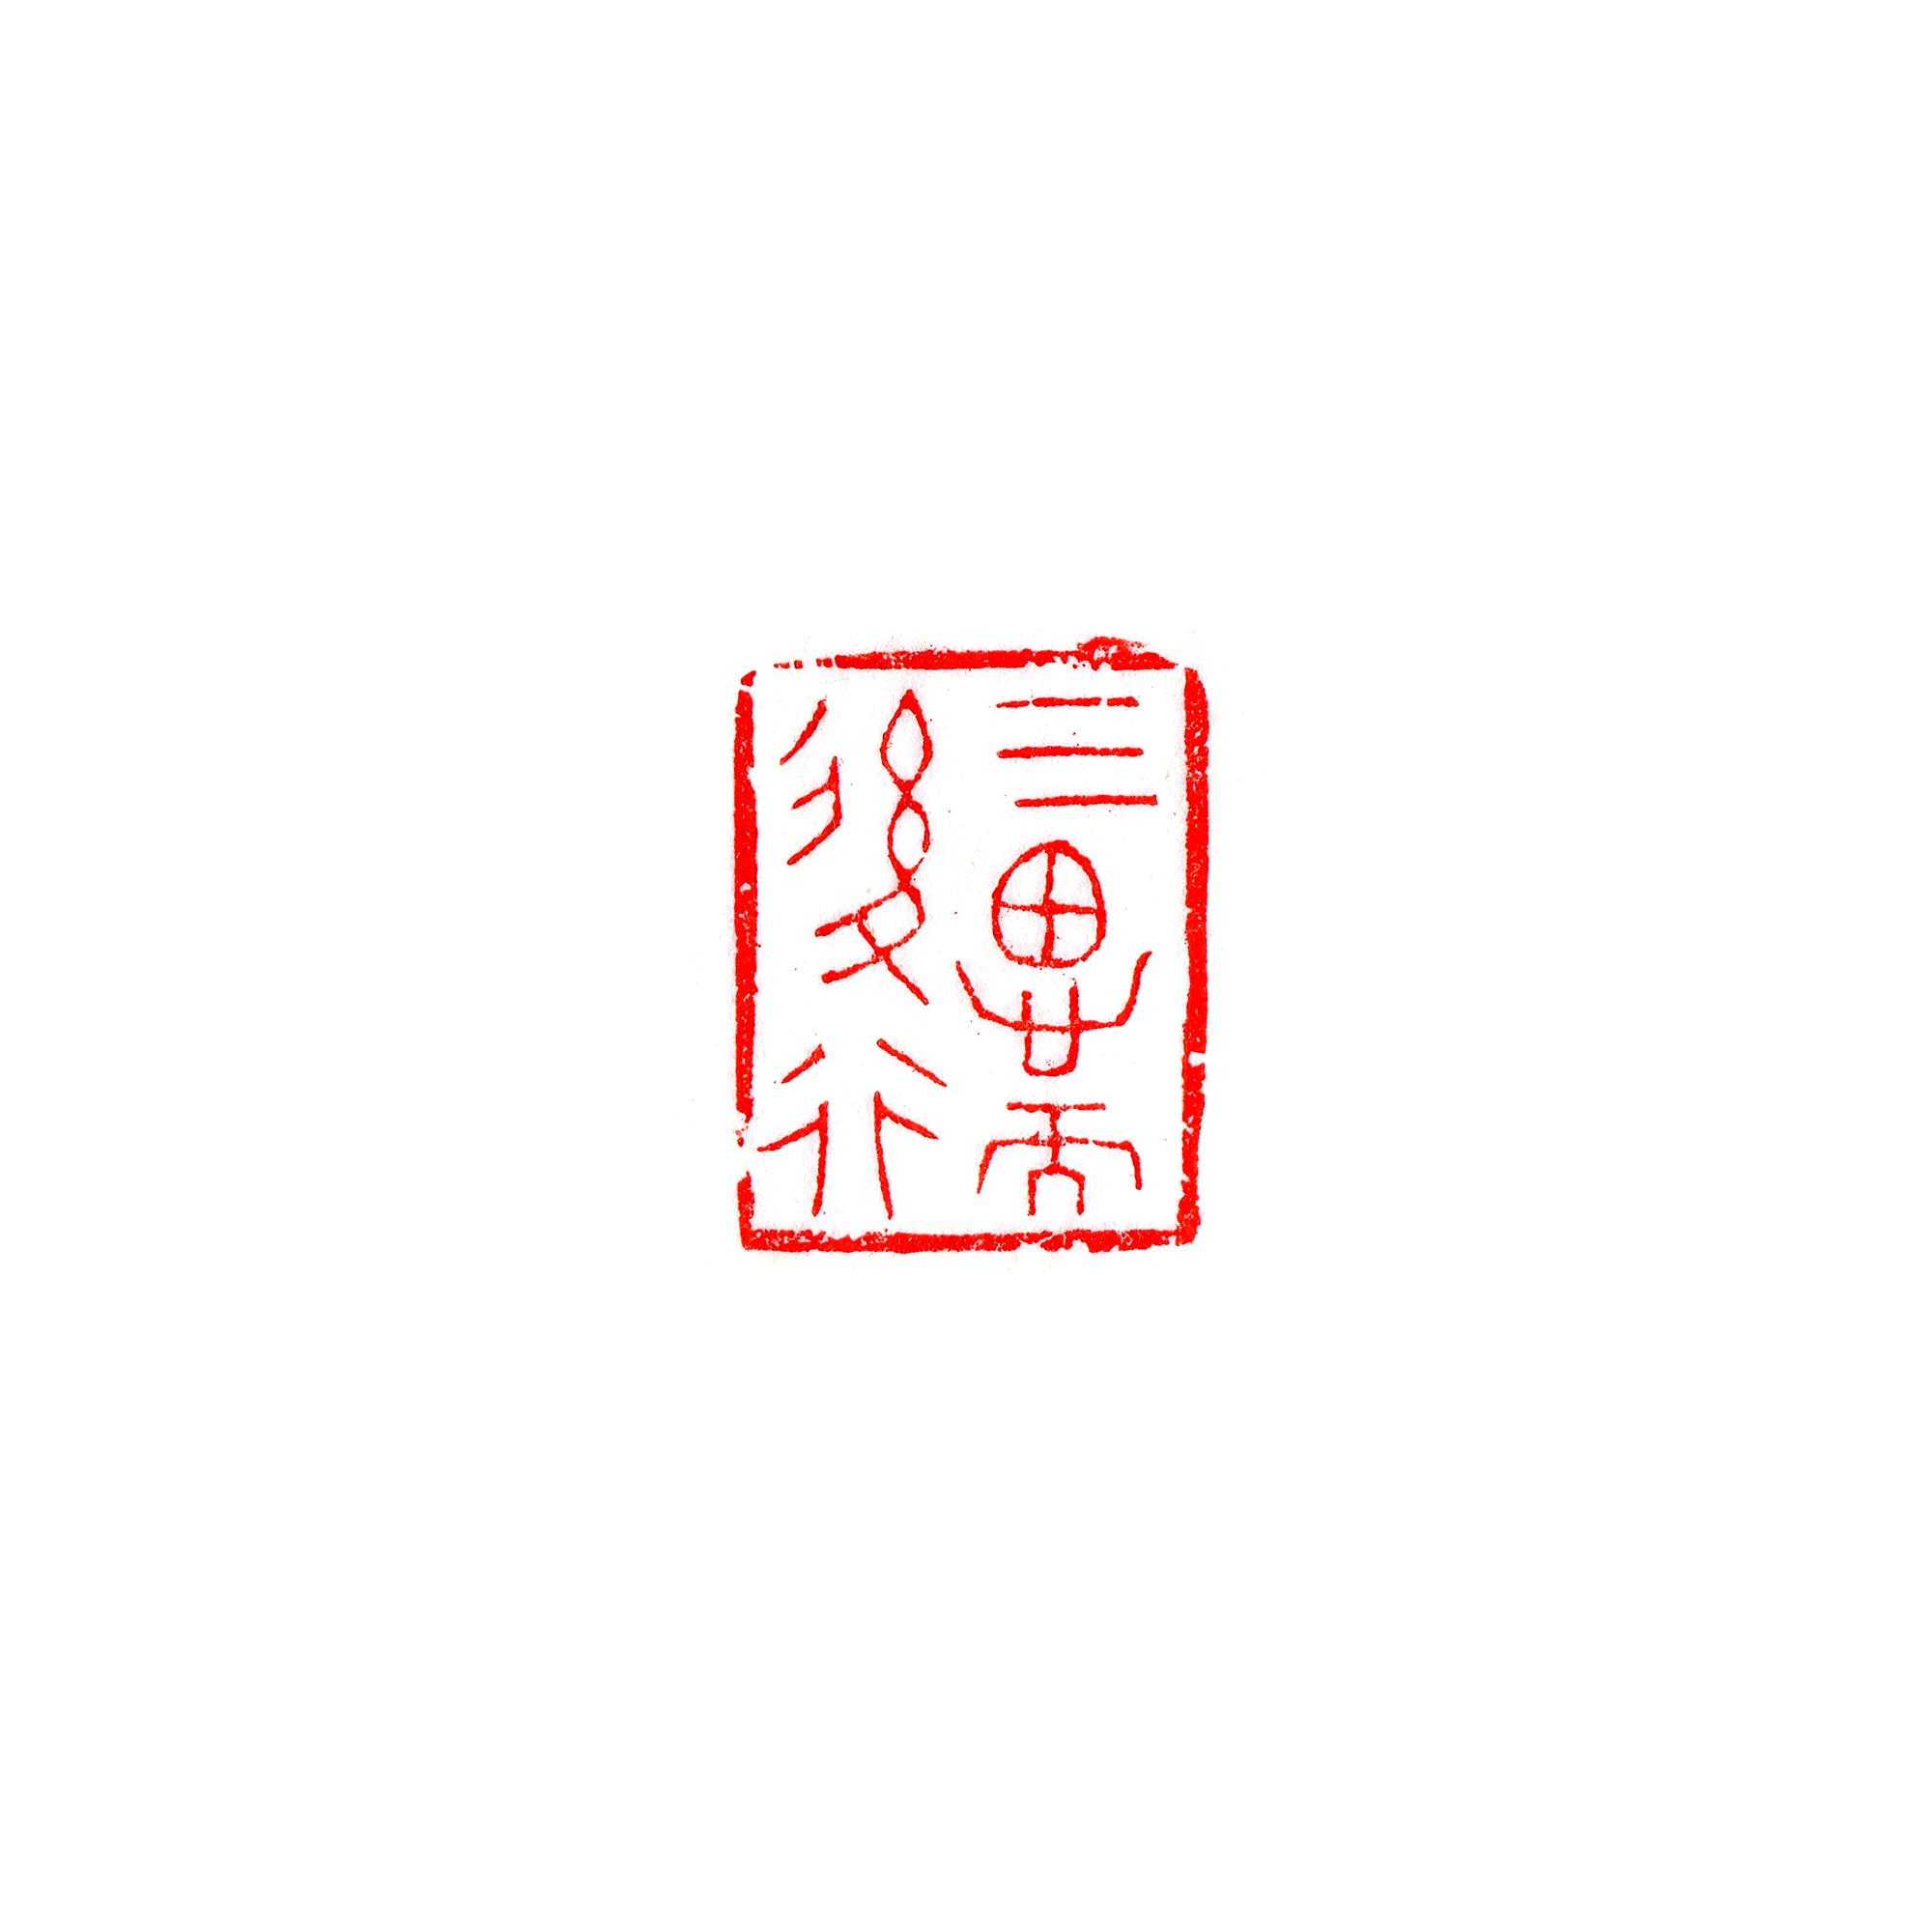 谢吉昌篆刻《三思而后行》